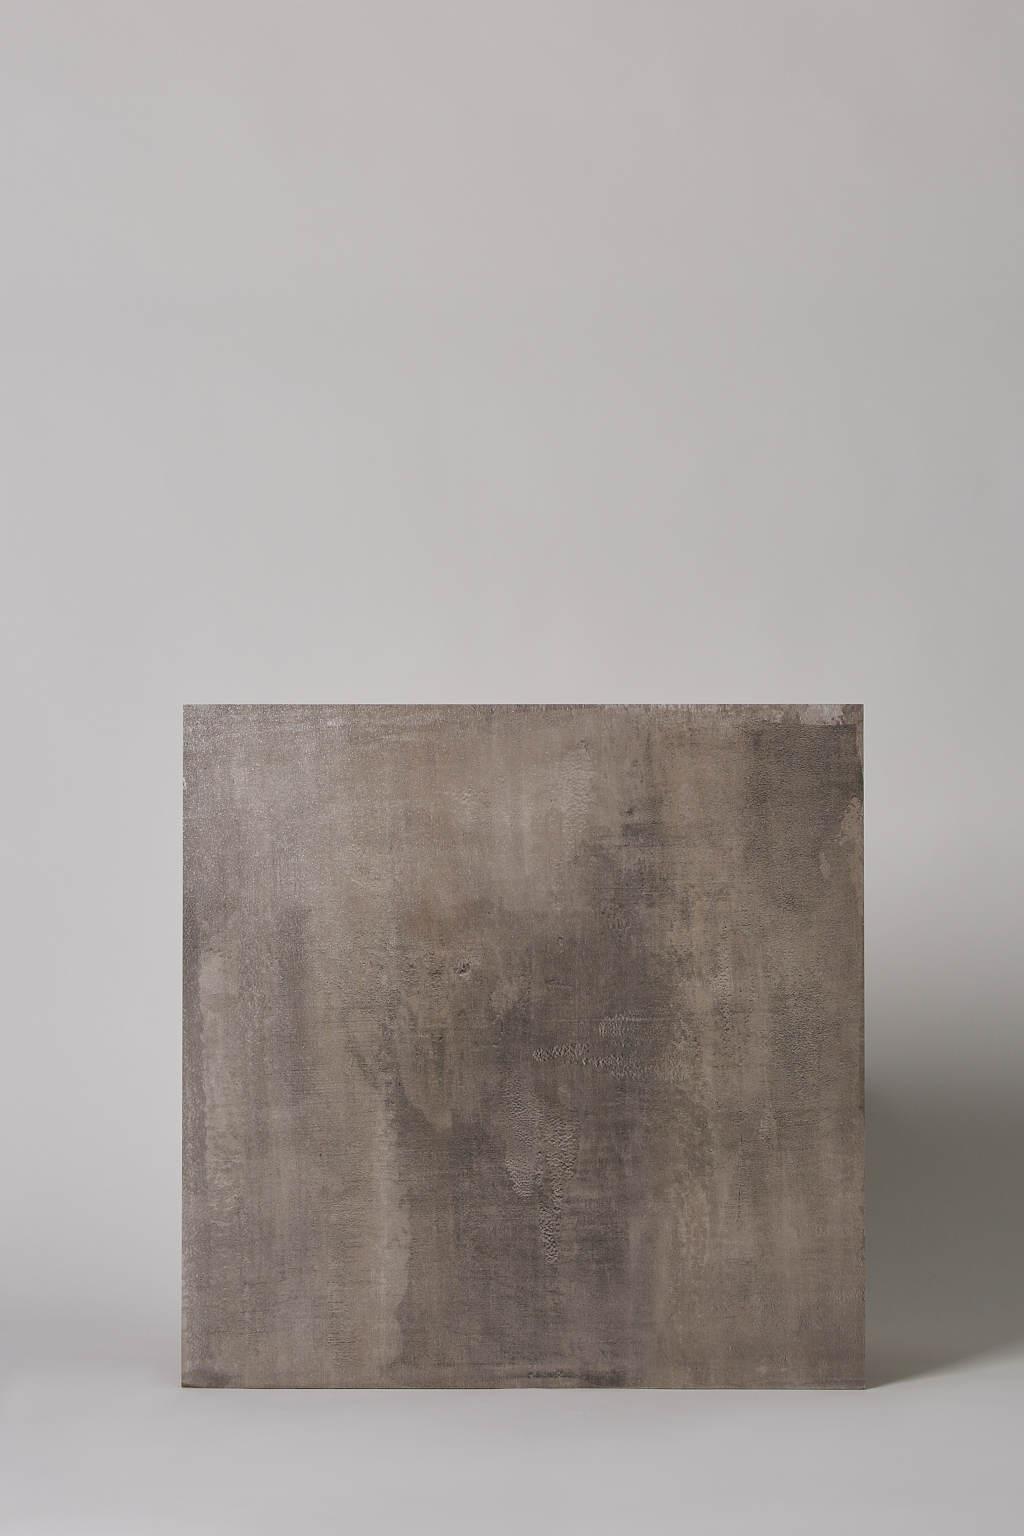 Płytka polska, gresowa, rektyfikowana, mrozoodporna, podłoga, ściana, połysk, rozmiar 60x60cm - NETTO Stardust cemento ankara